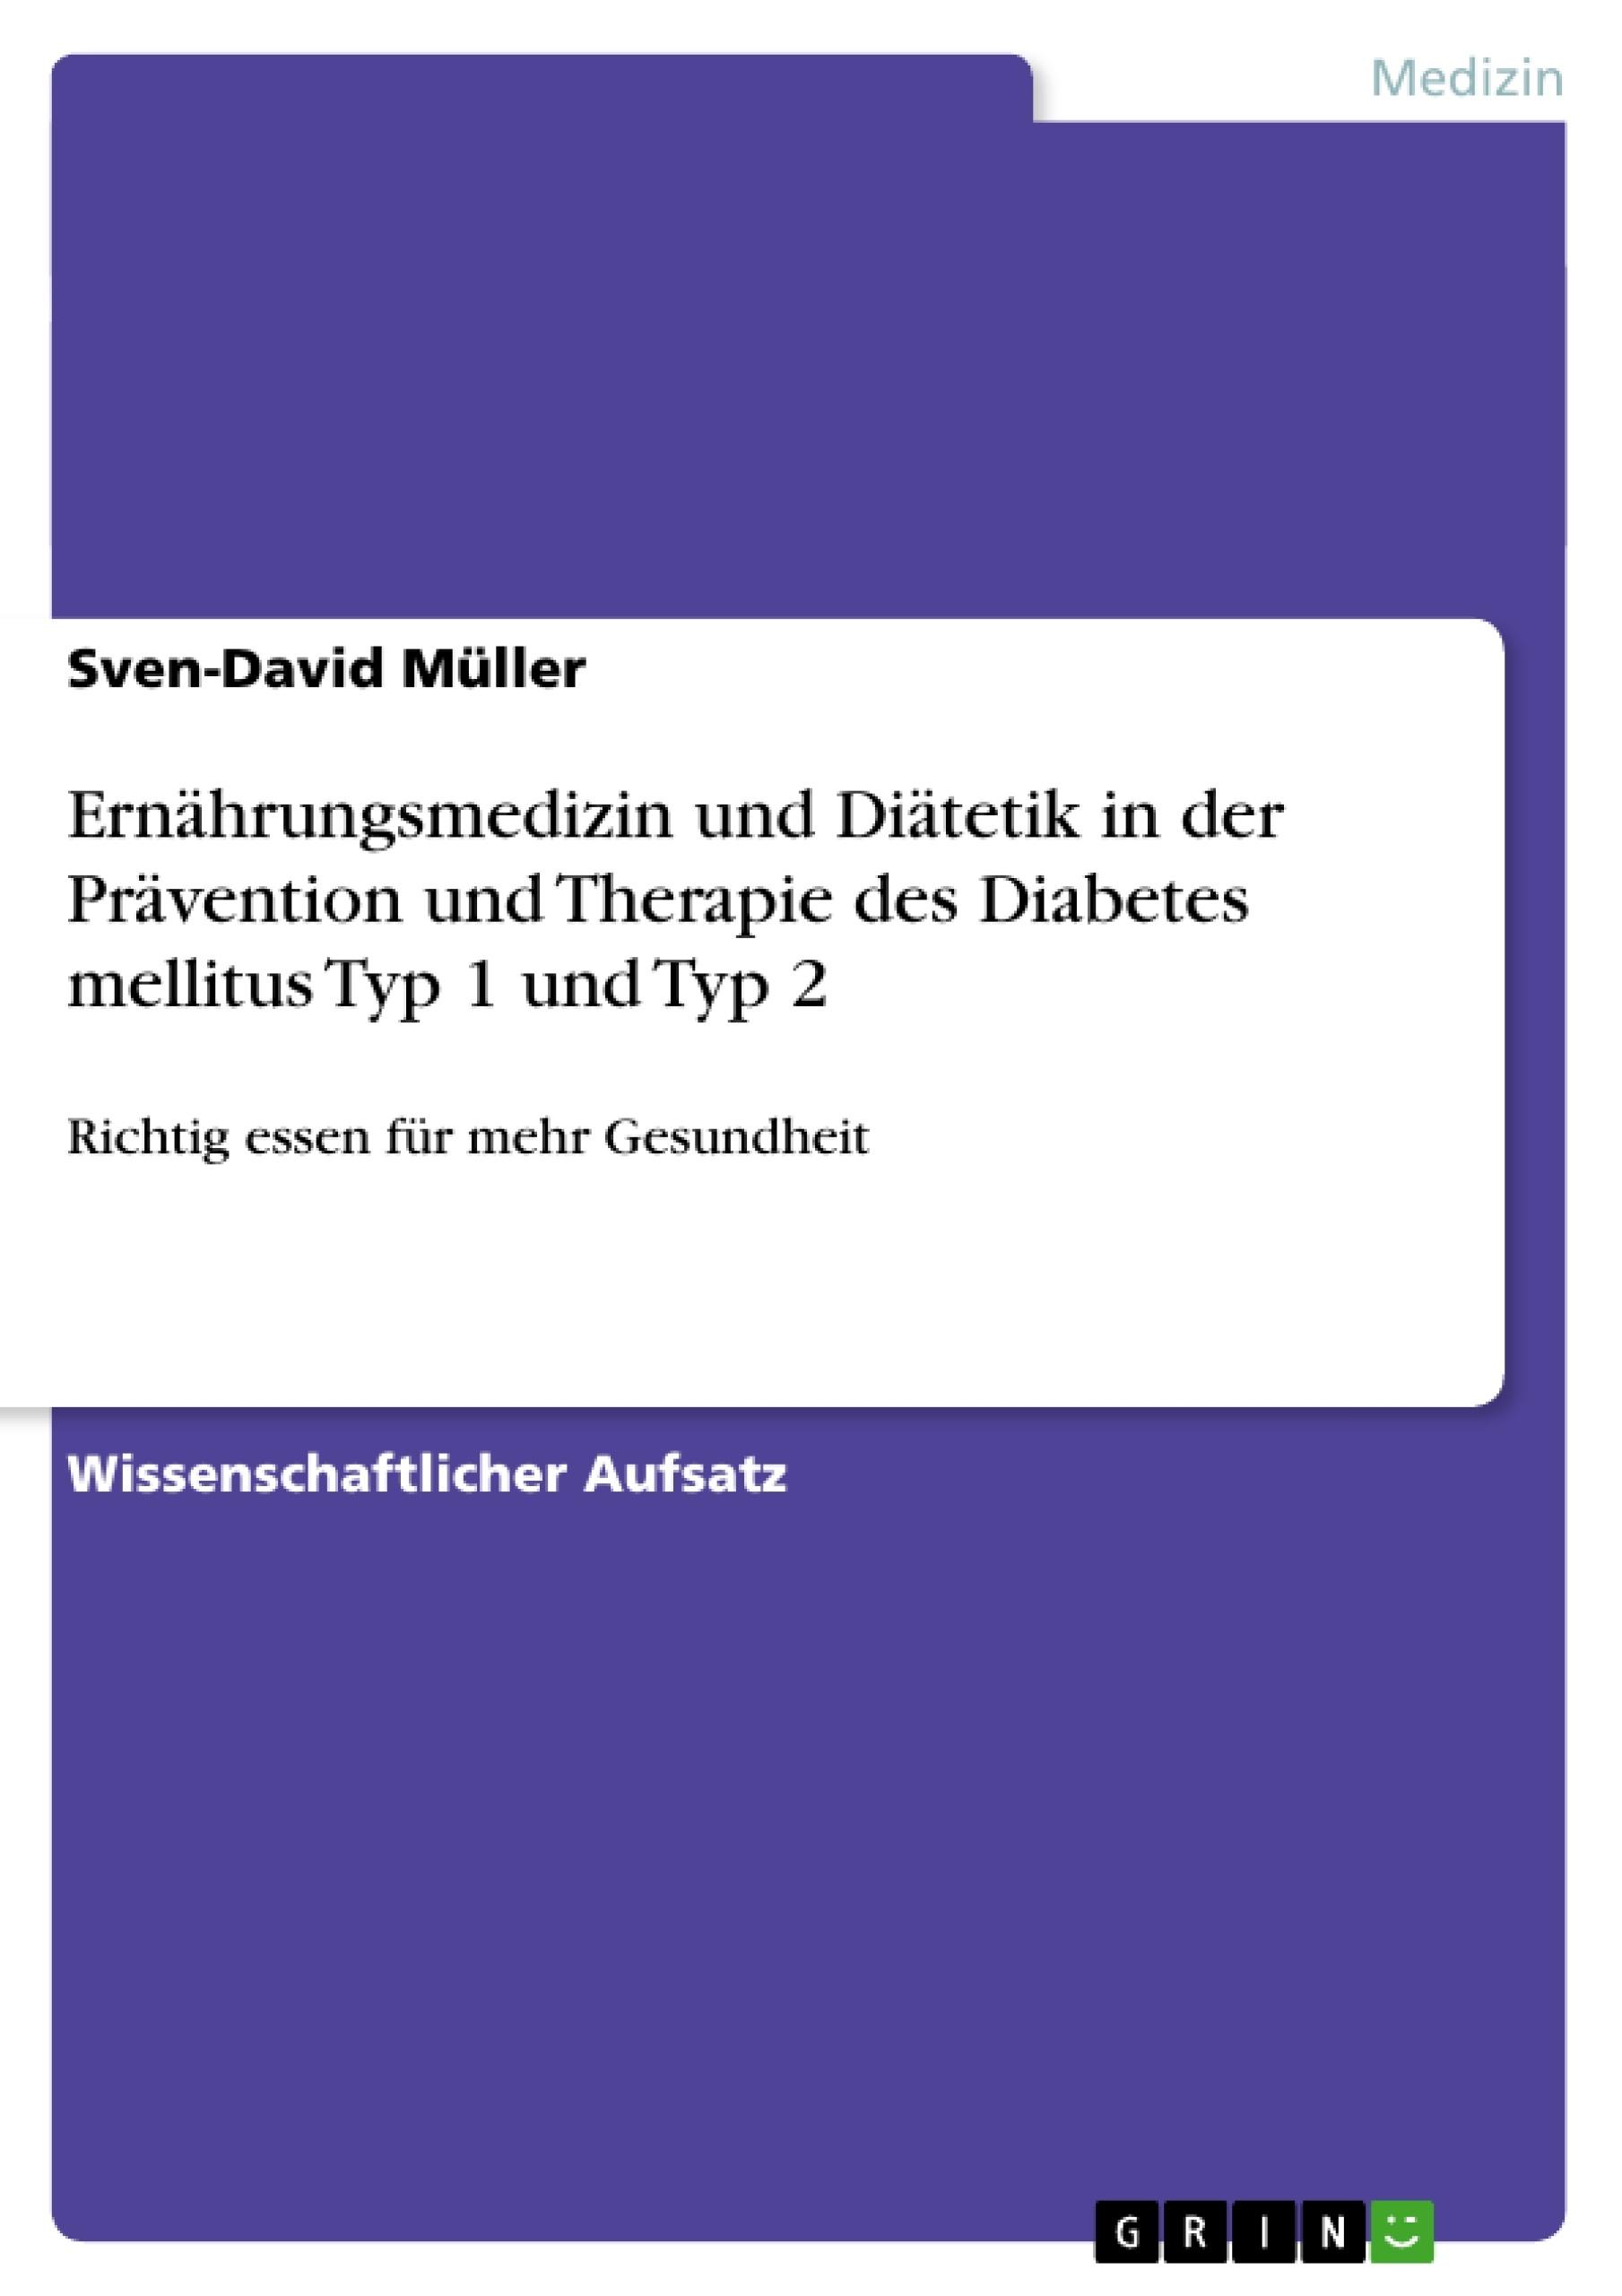 Titel: Ernährungsmedizin und Diätetik in der Prävention und Therapie des Diabetes mellitus Typ 1 und Typ 2